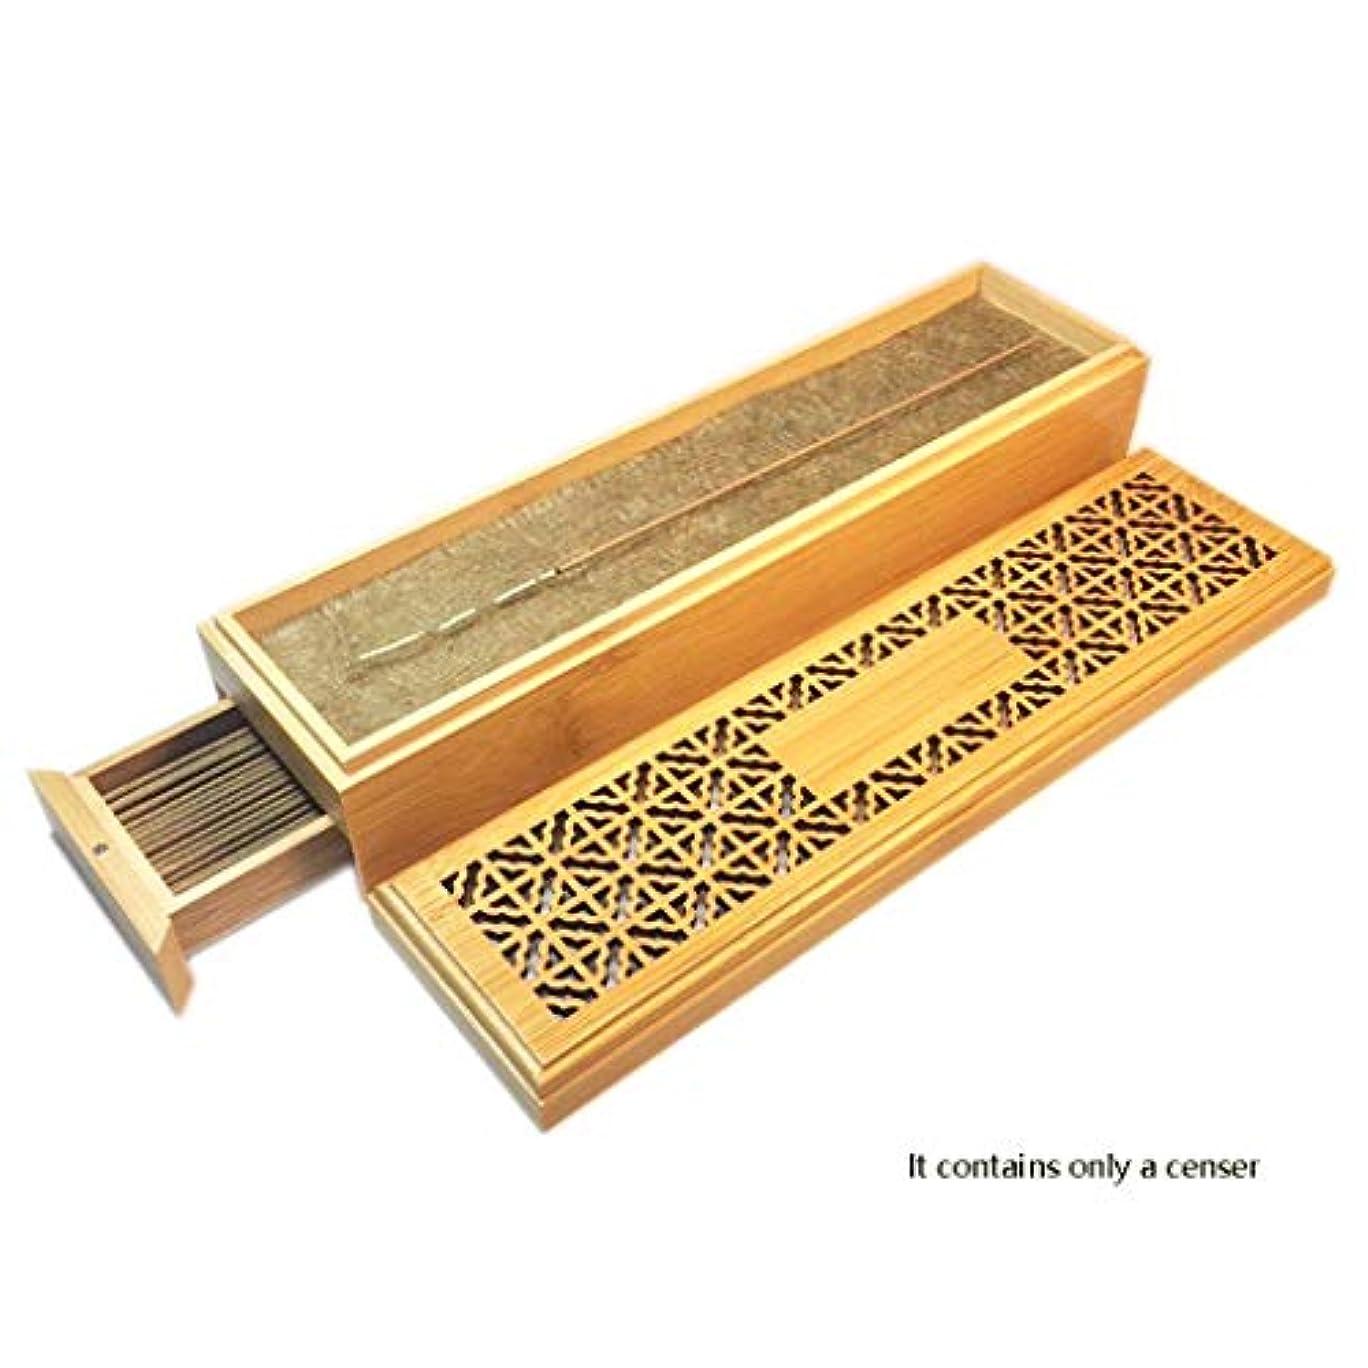 芳香器?アロマバーナー 竹製お香バーナー引き出し付スティック収納ボックス中空木製ケースボックスIncensoスティックホルダー アロマバーナー芳香器 (Color : Natural)